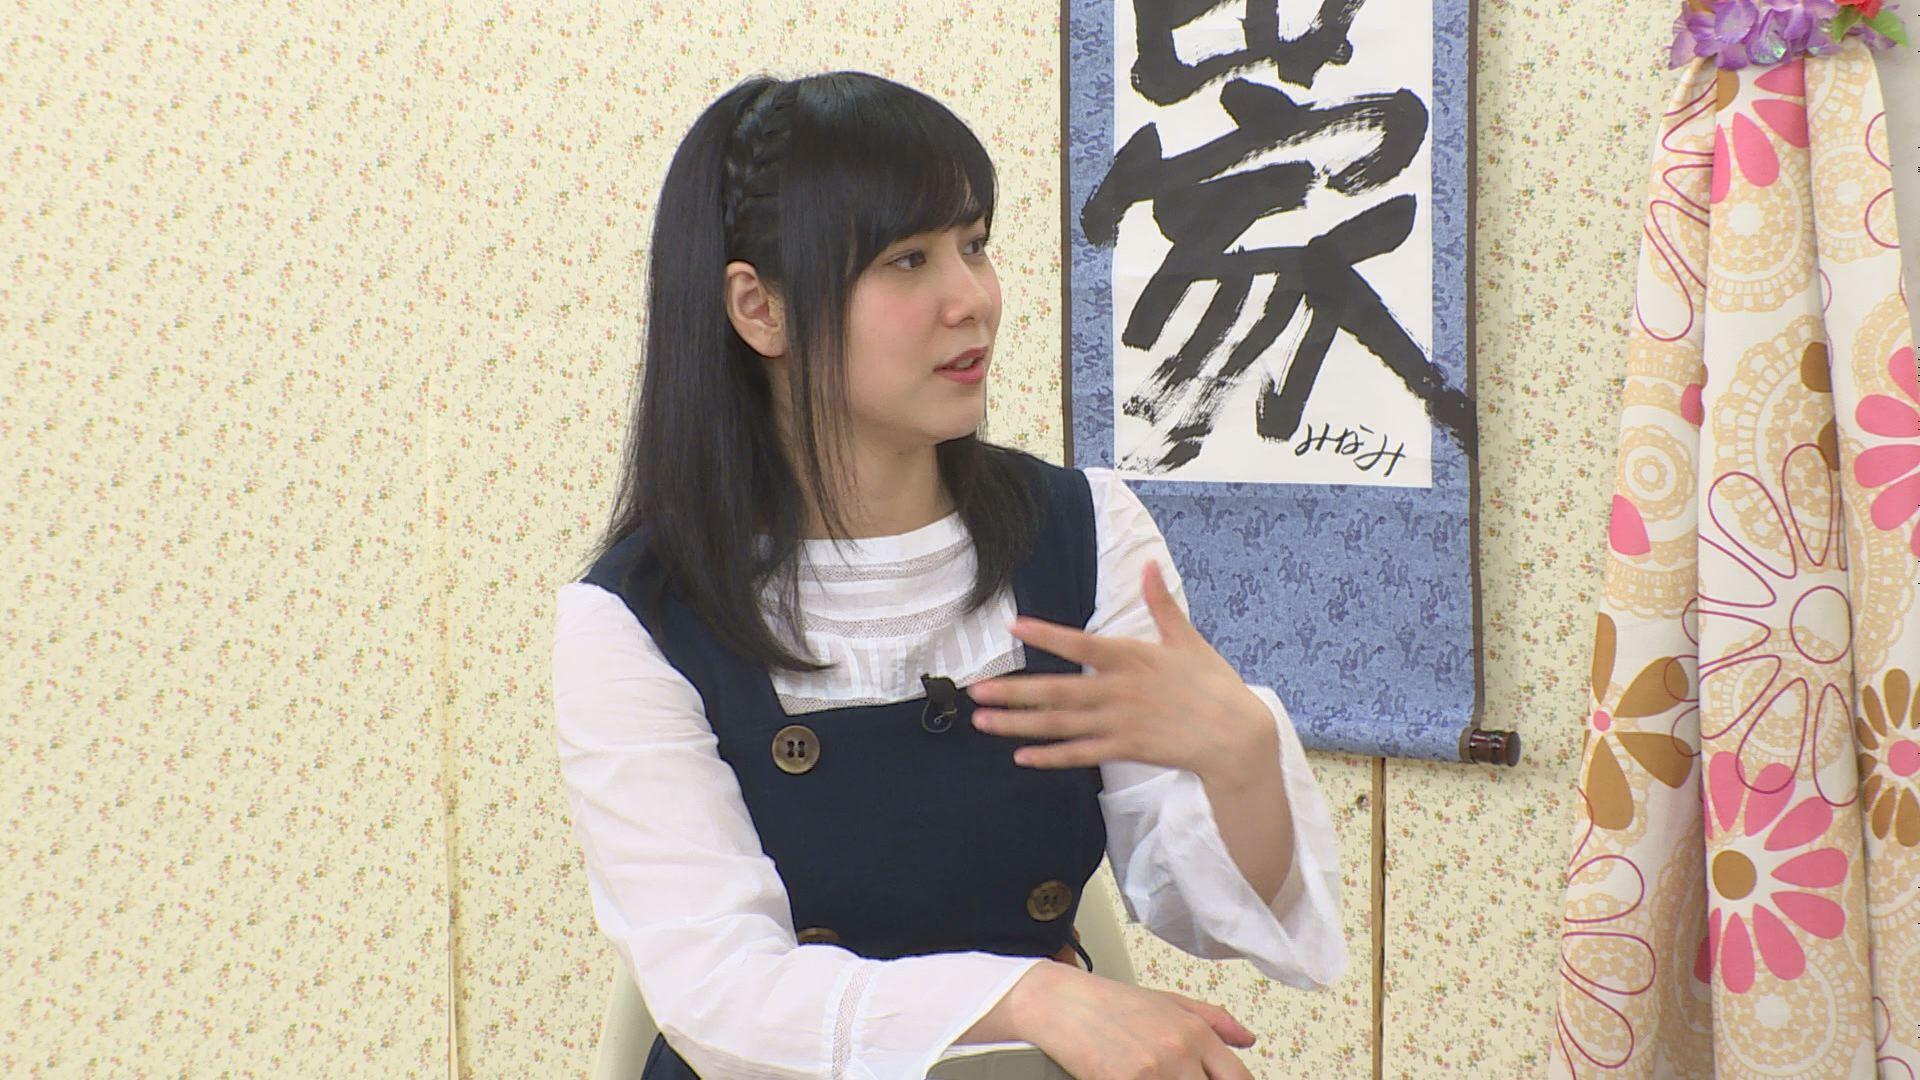 津田美波の津田家-TSUDAYA- #34